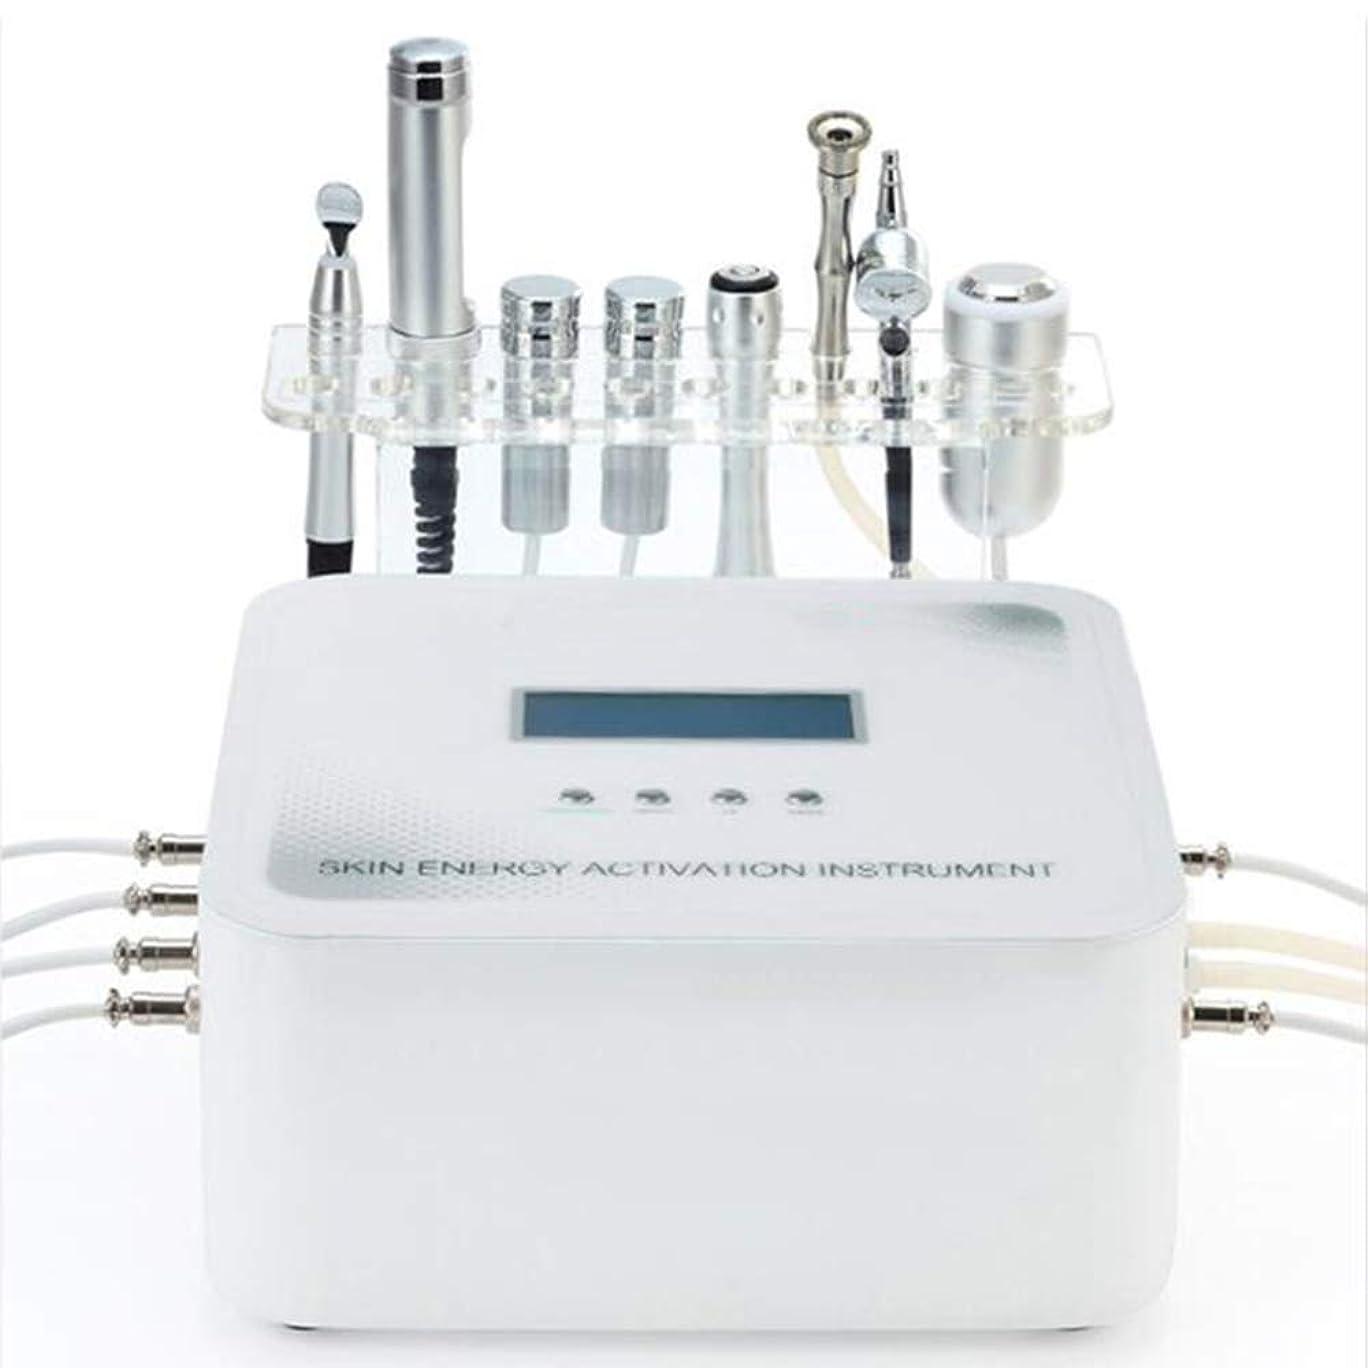 削減禁止まぶしさ多機能両極マイクロ電気Rf美容機器、美容室の家族の使用に適した純粋な酸素肌の若返り楽器、150ワット110ボルト